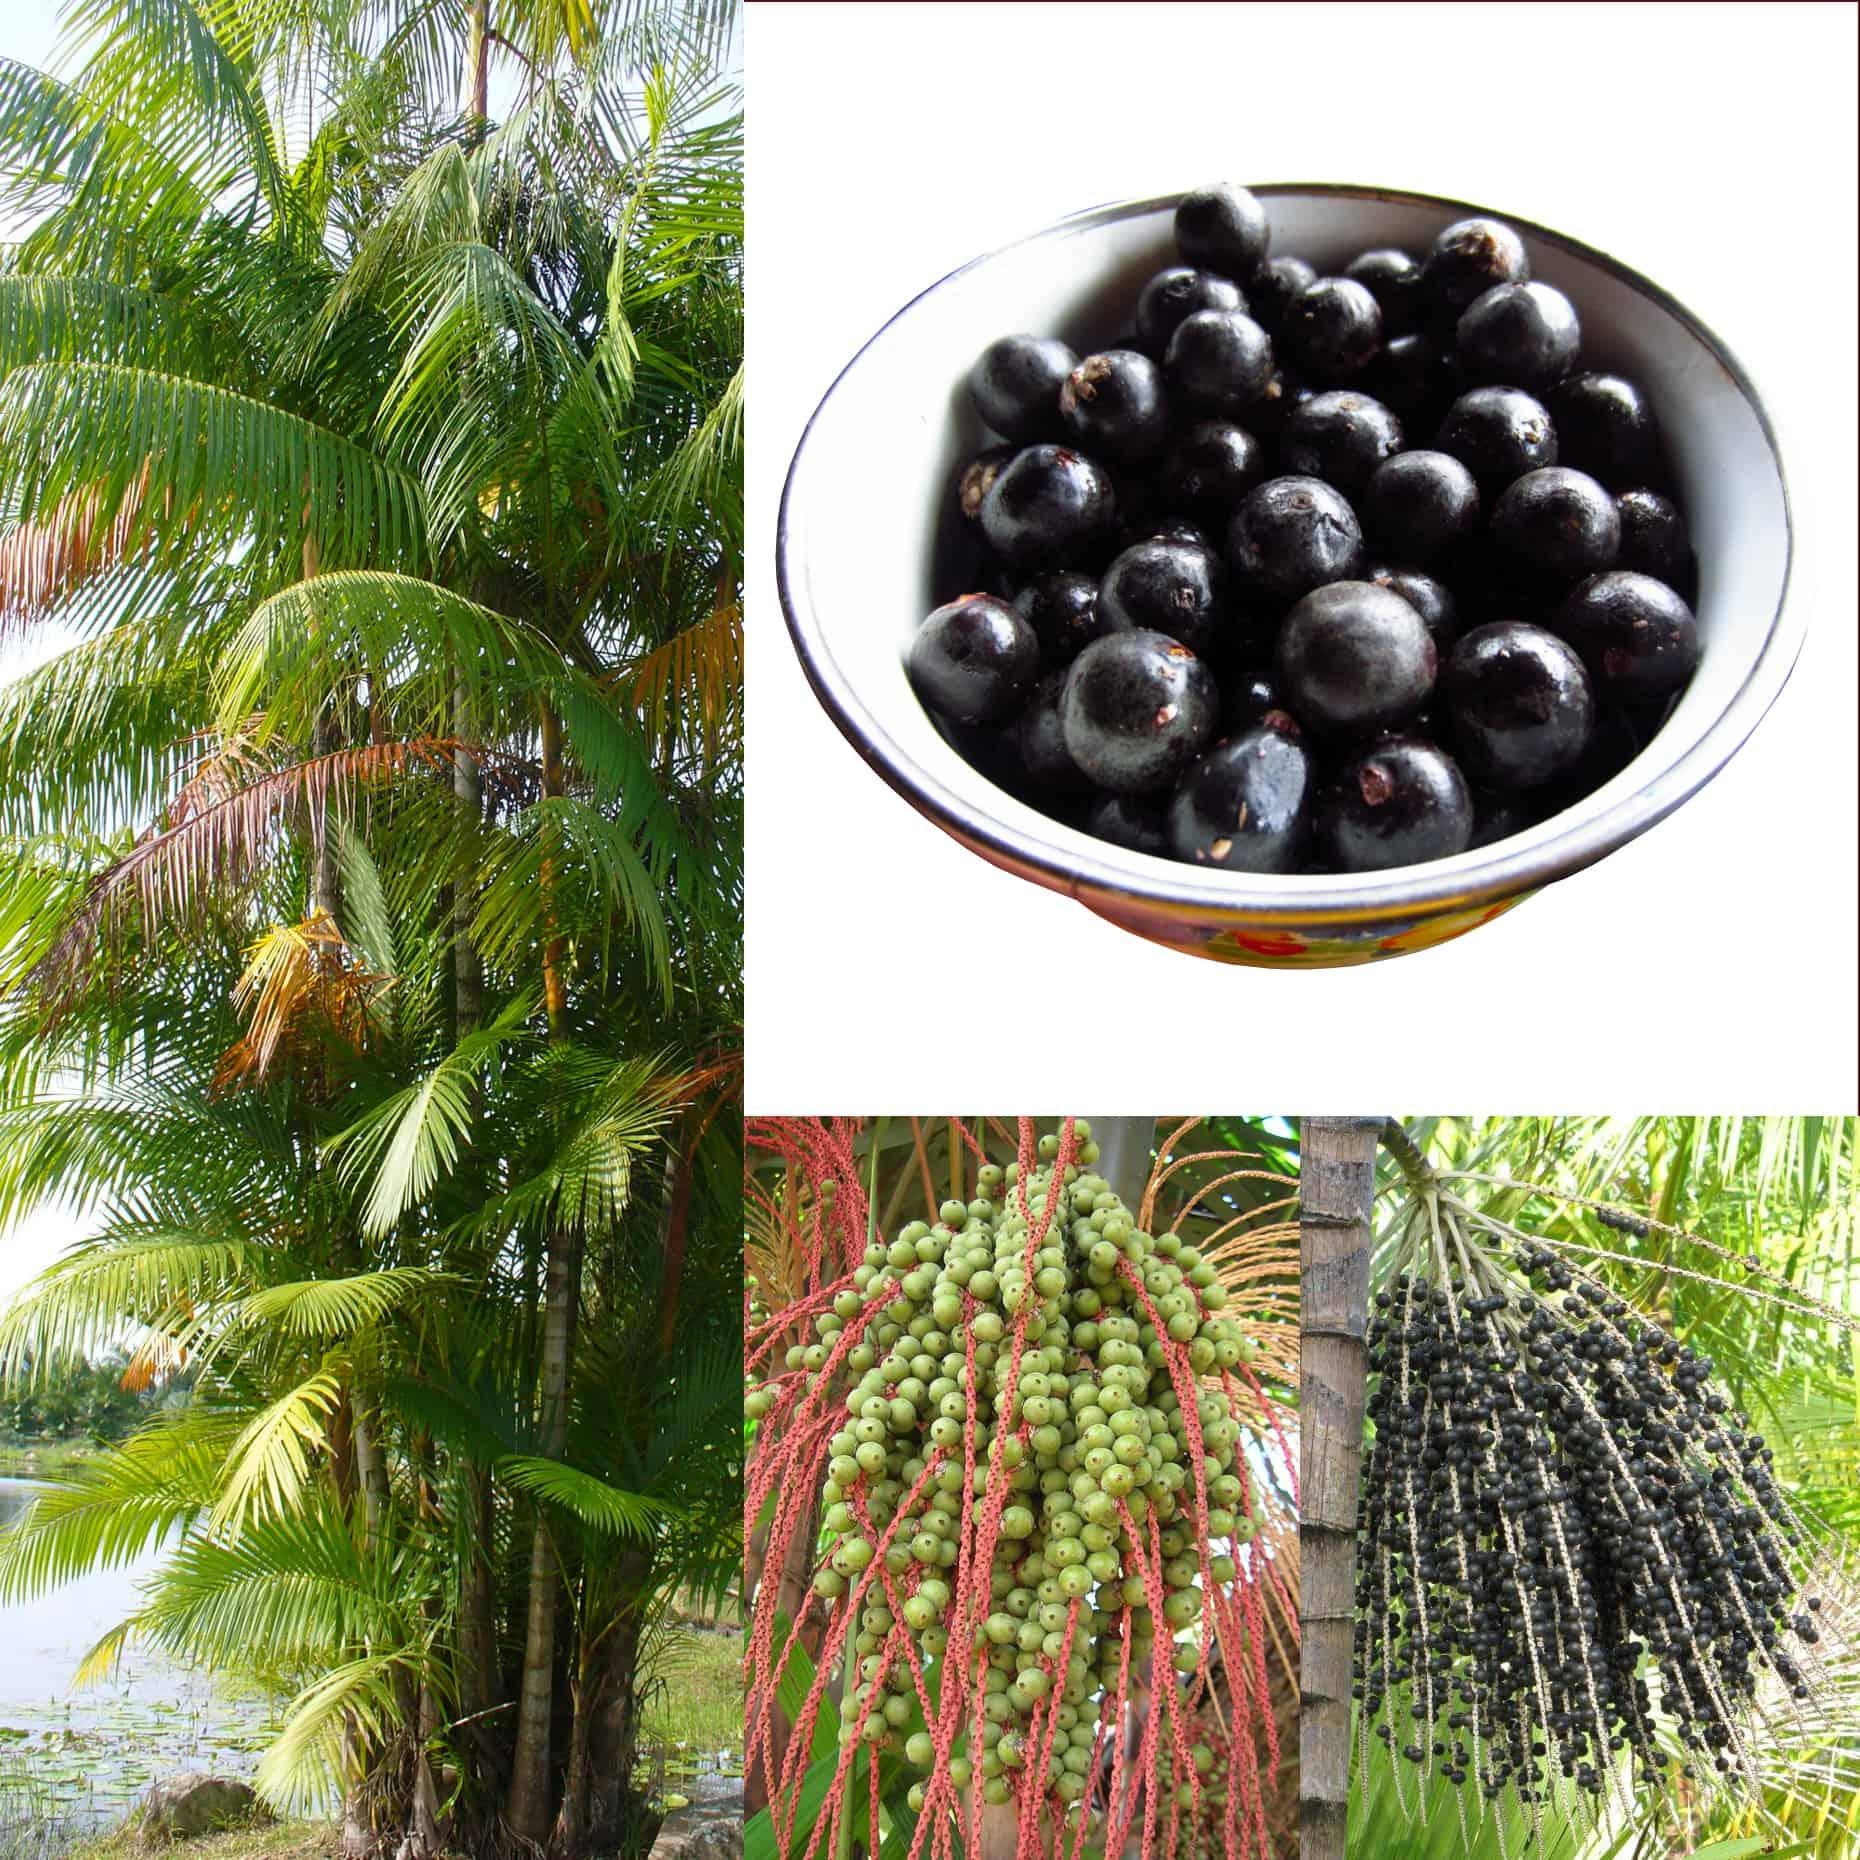 Açaï Pure : un superfruit riche en anthocyanes, vitamines et minéraux